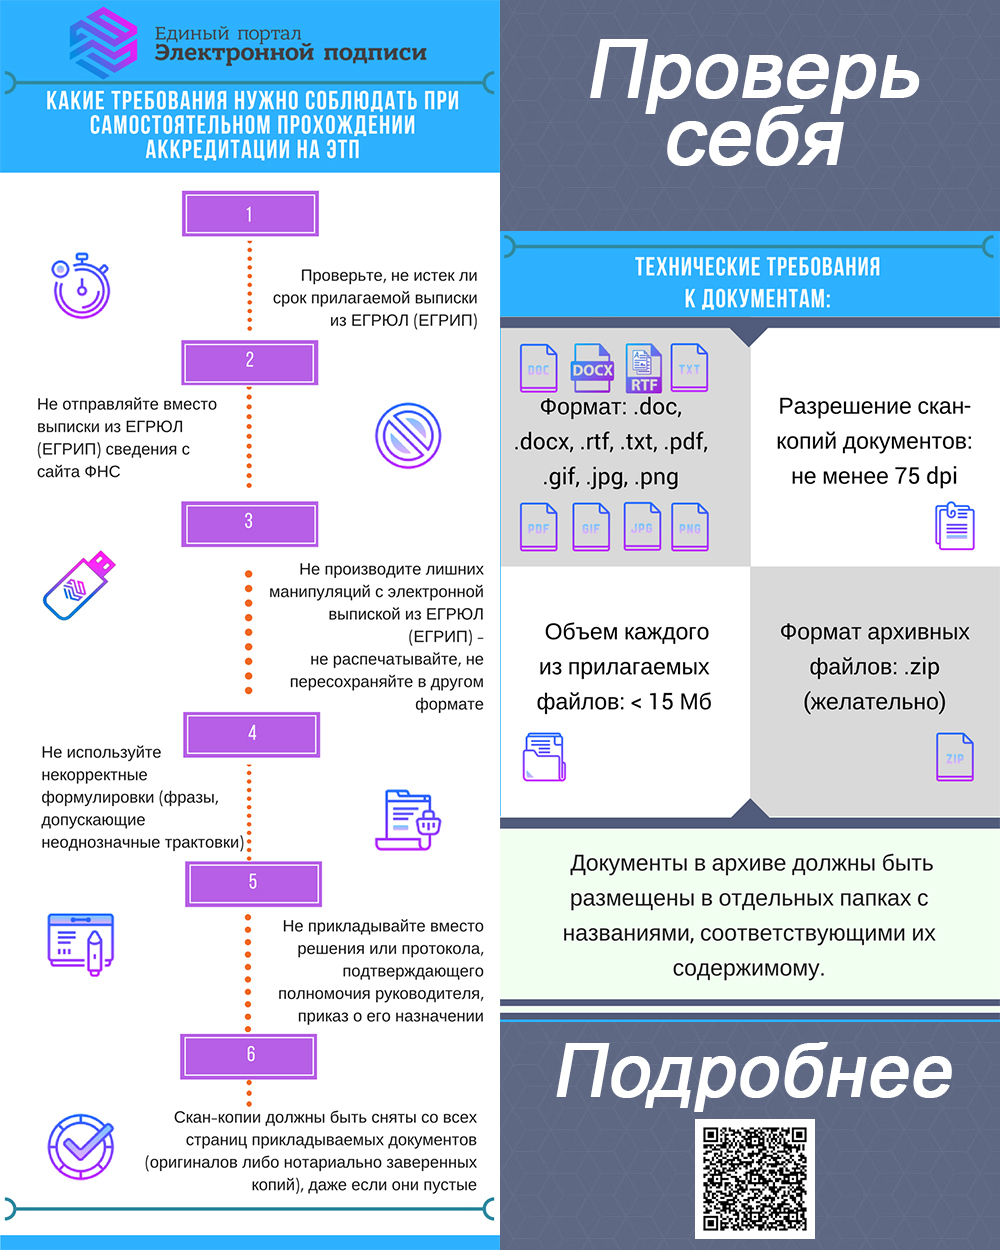 «Памятка iEcp.ru: каких ошибок нужно избегать при самостоятельном прохождении аккредитации на ЭТП»